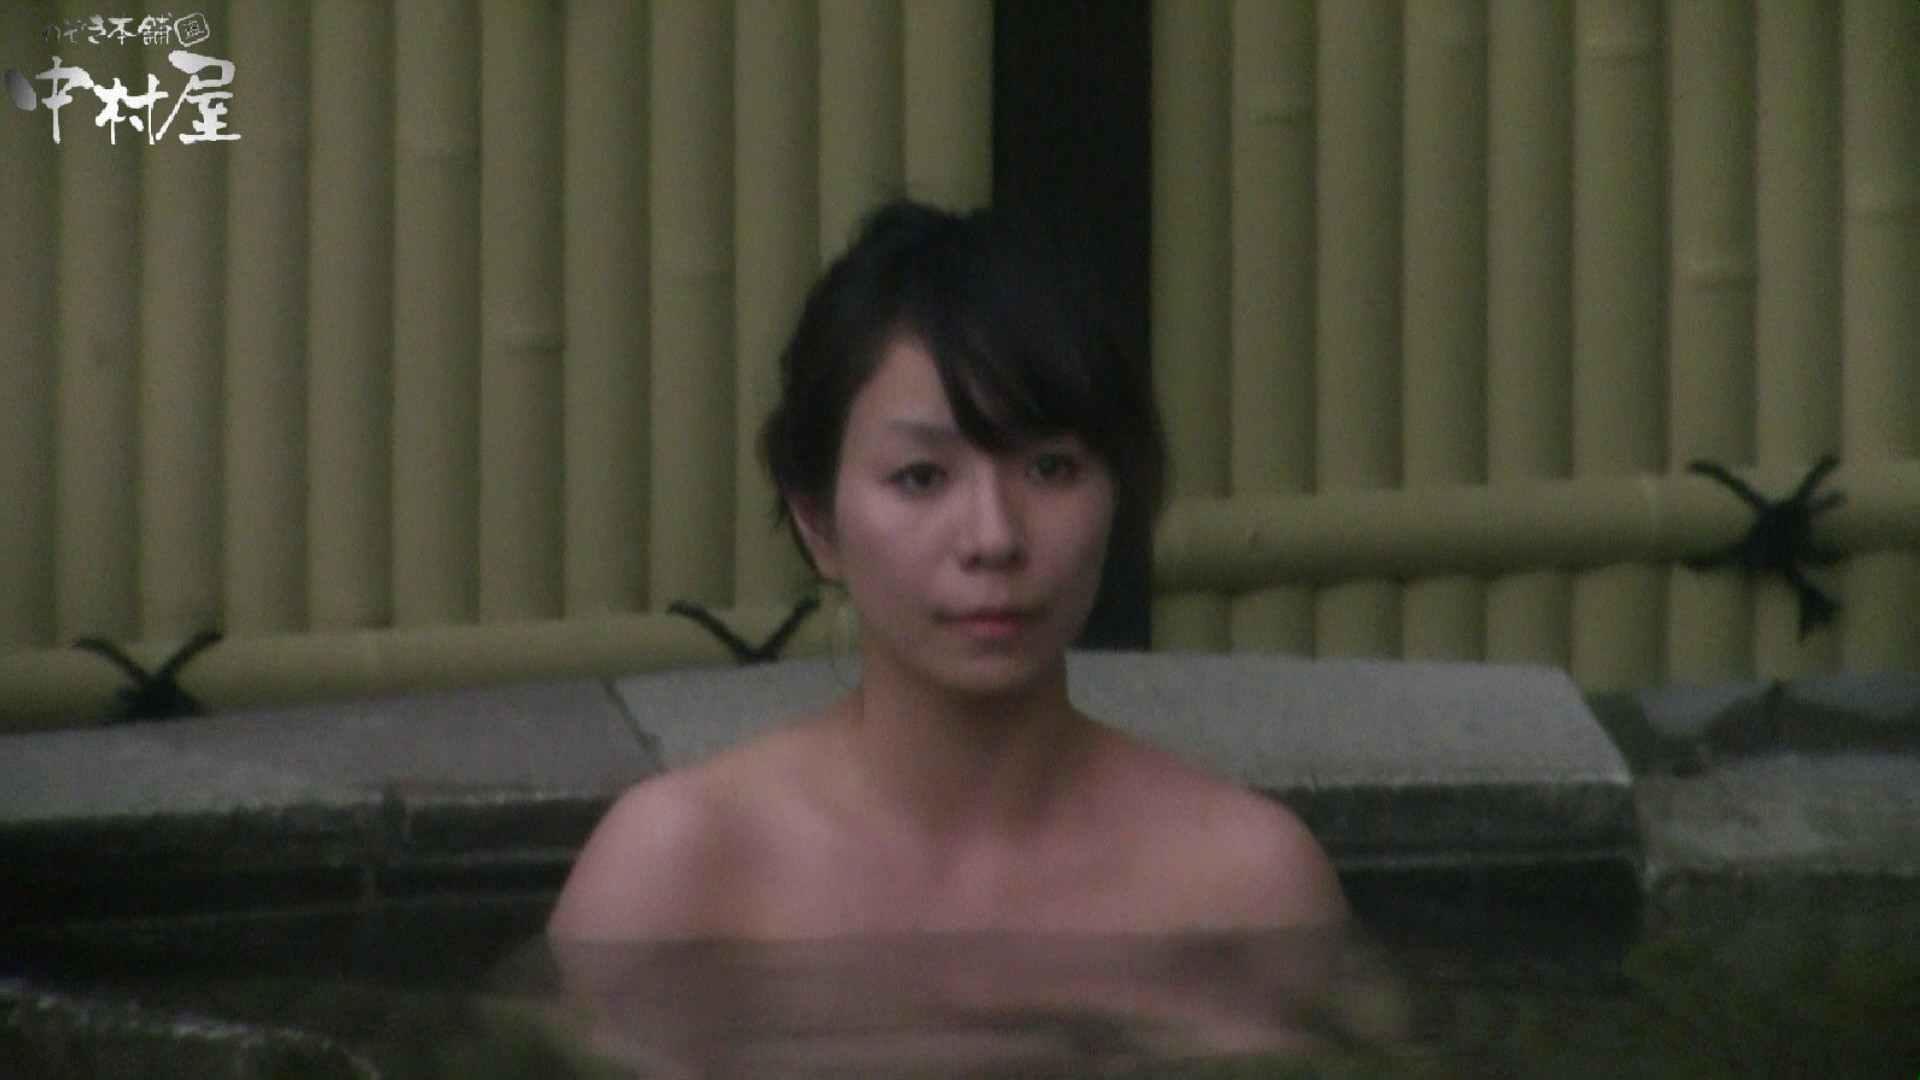 Aquaな露天風呂Vol.930 OL  66pic 16